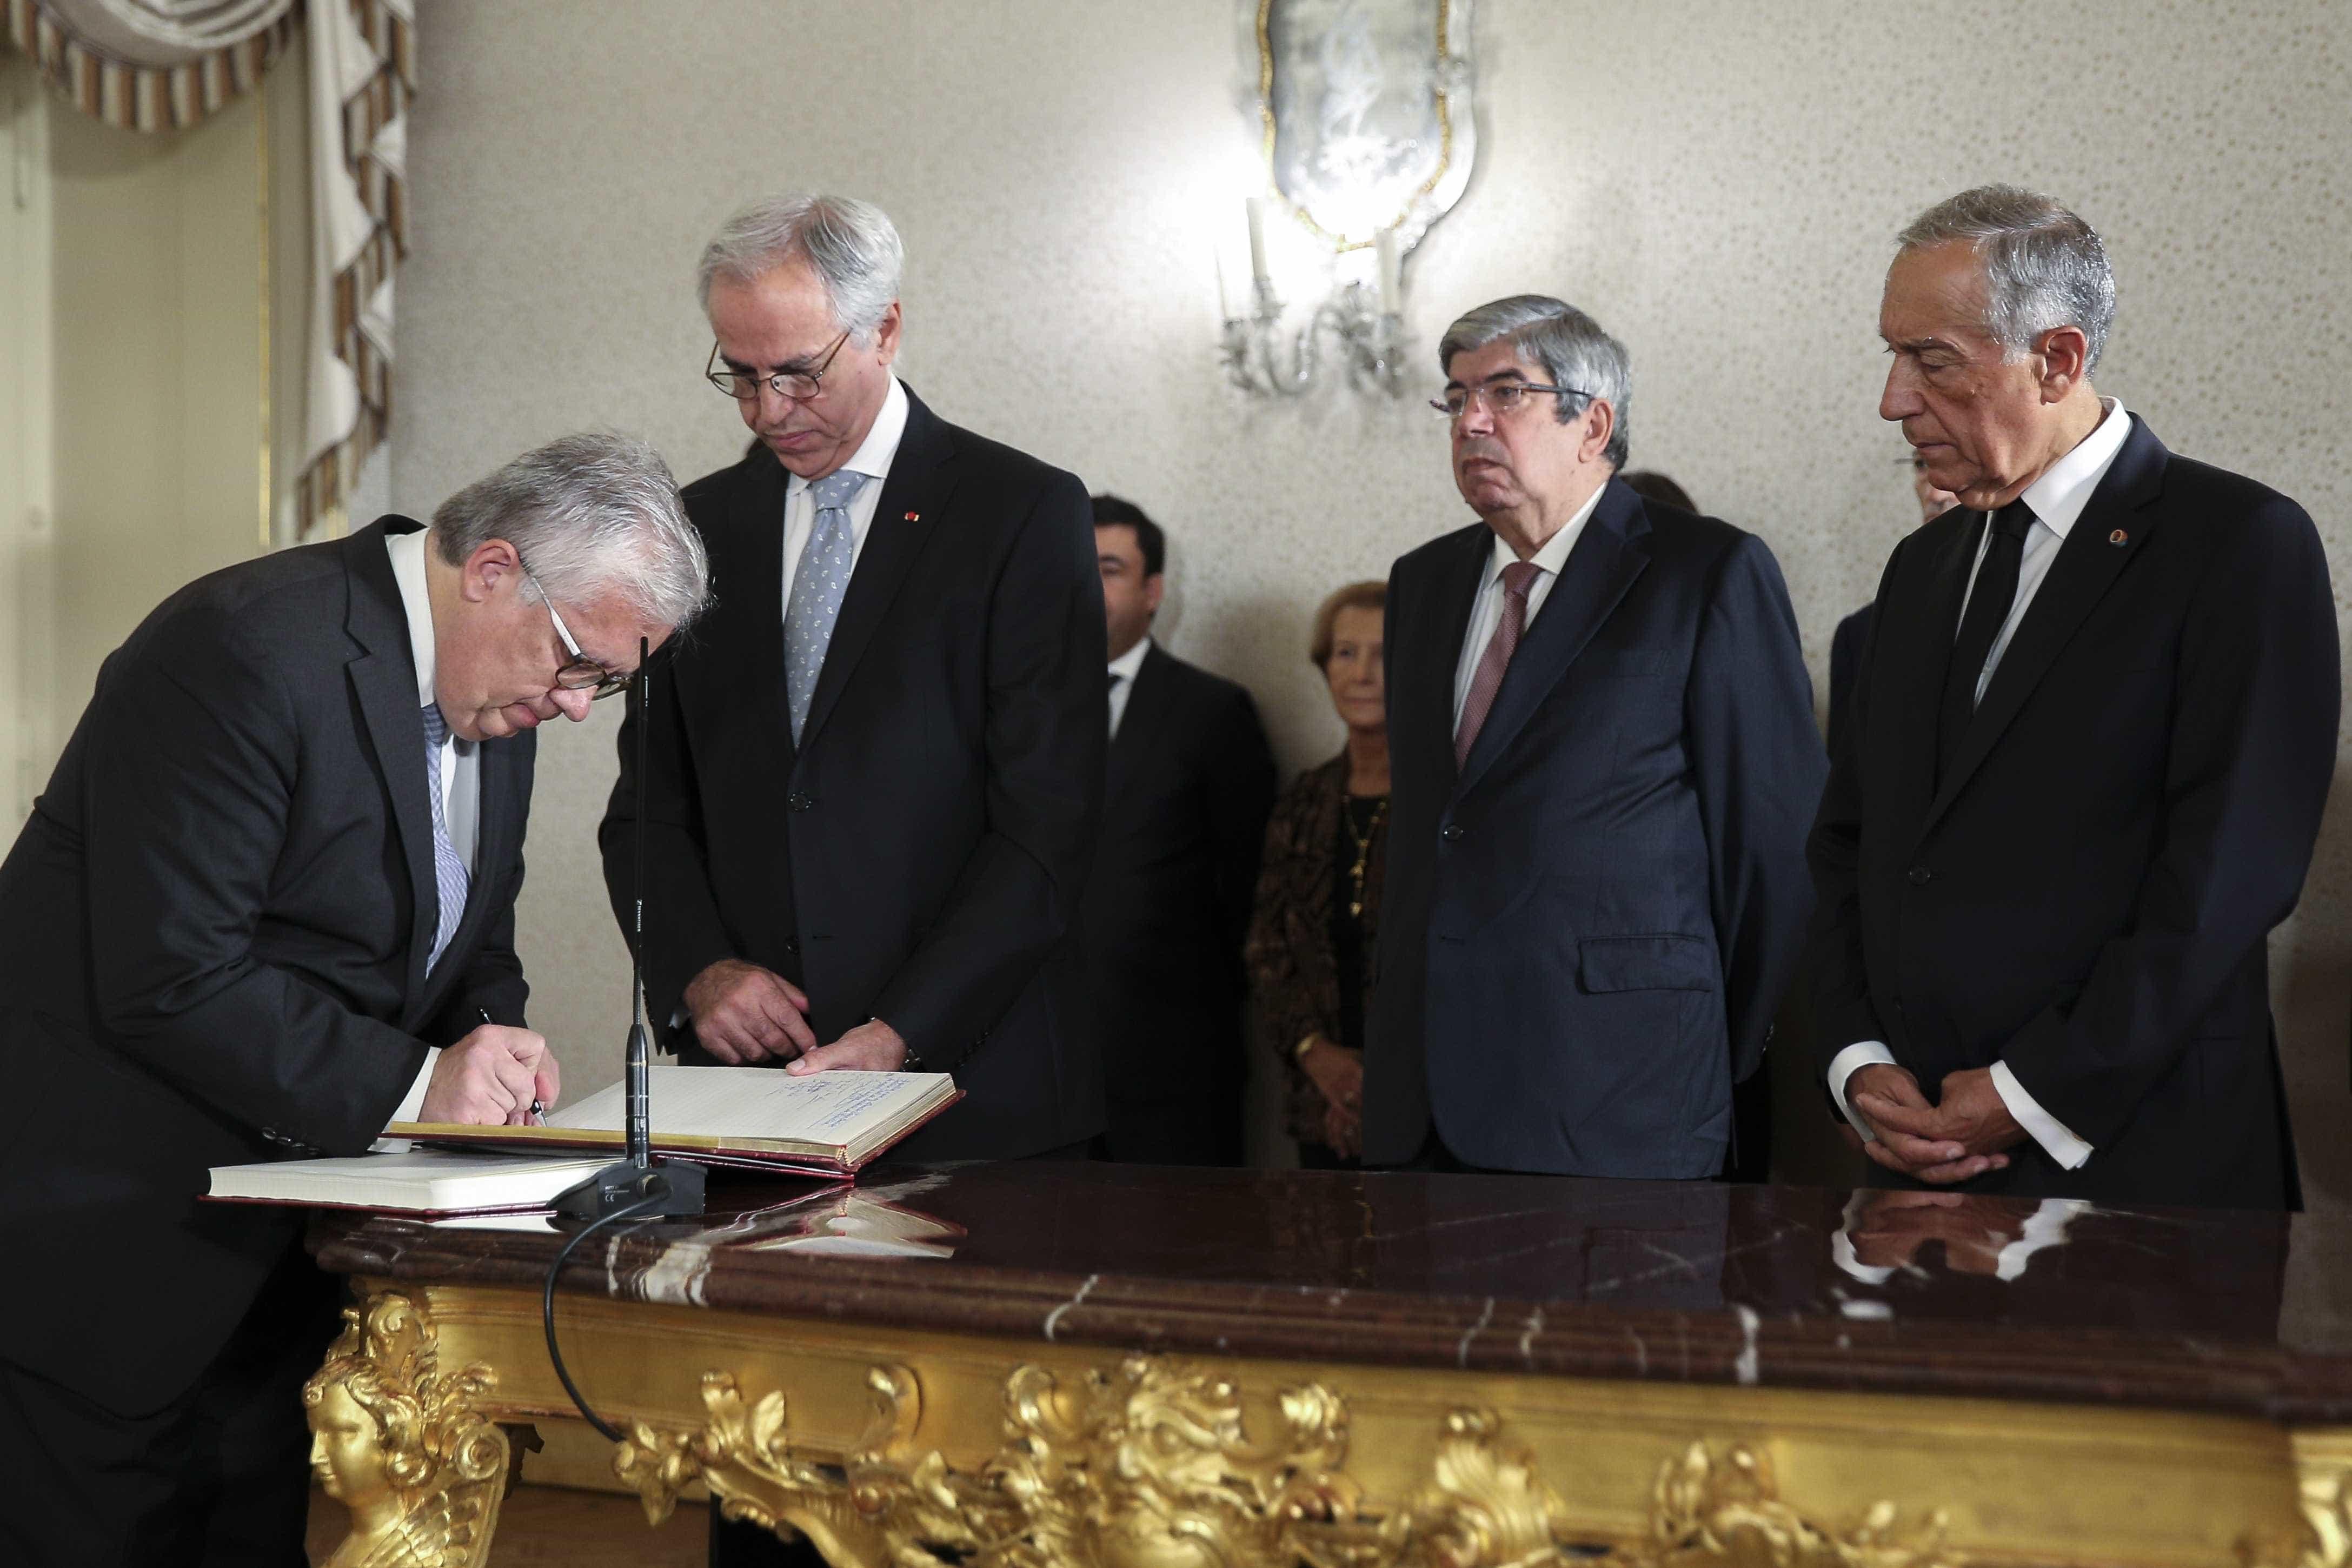 Remodelação: Já tomaram posse os novos ministros e secretários de Estado